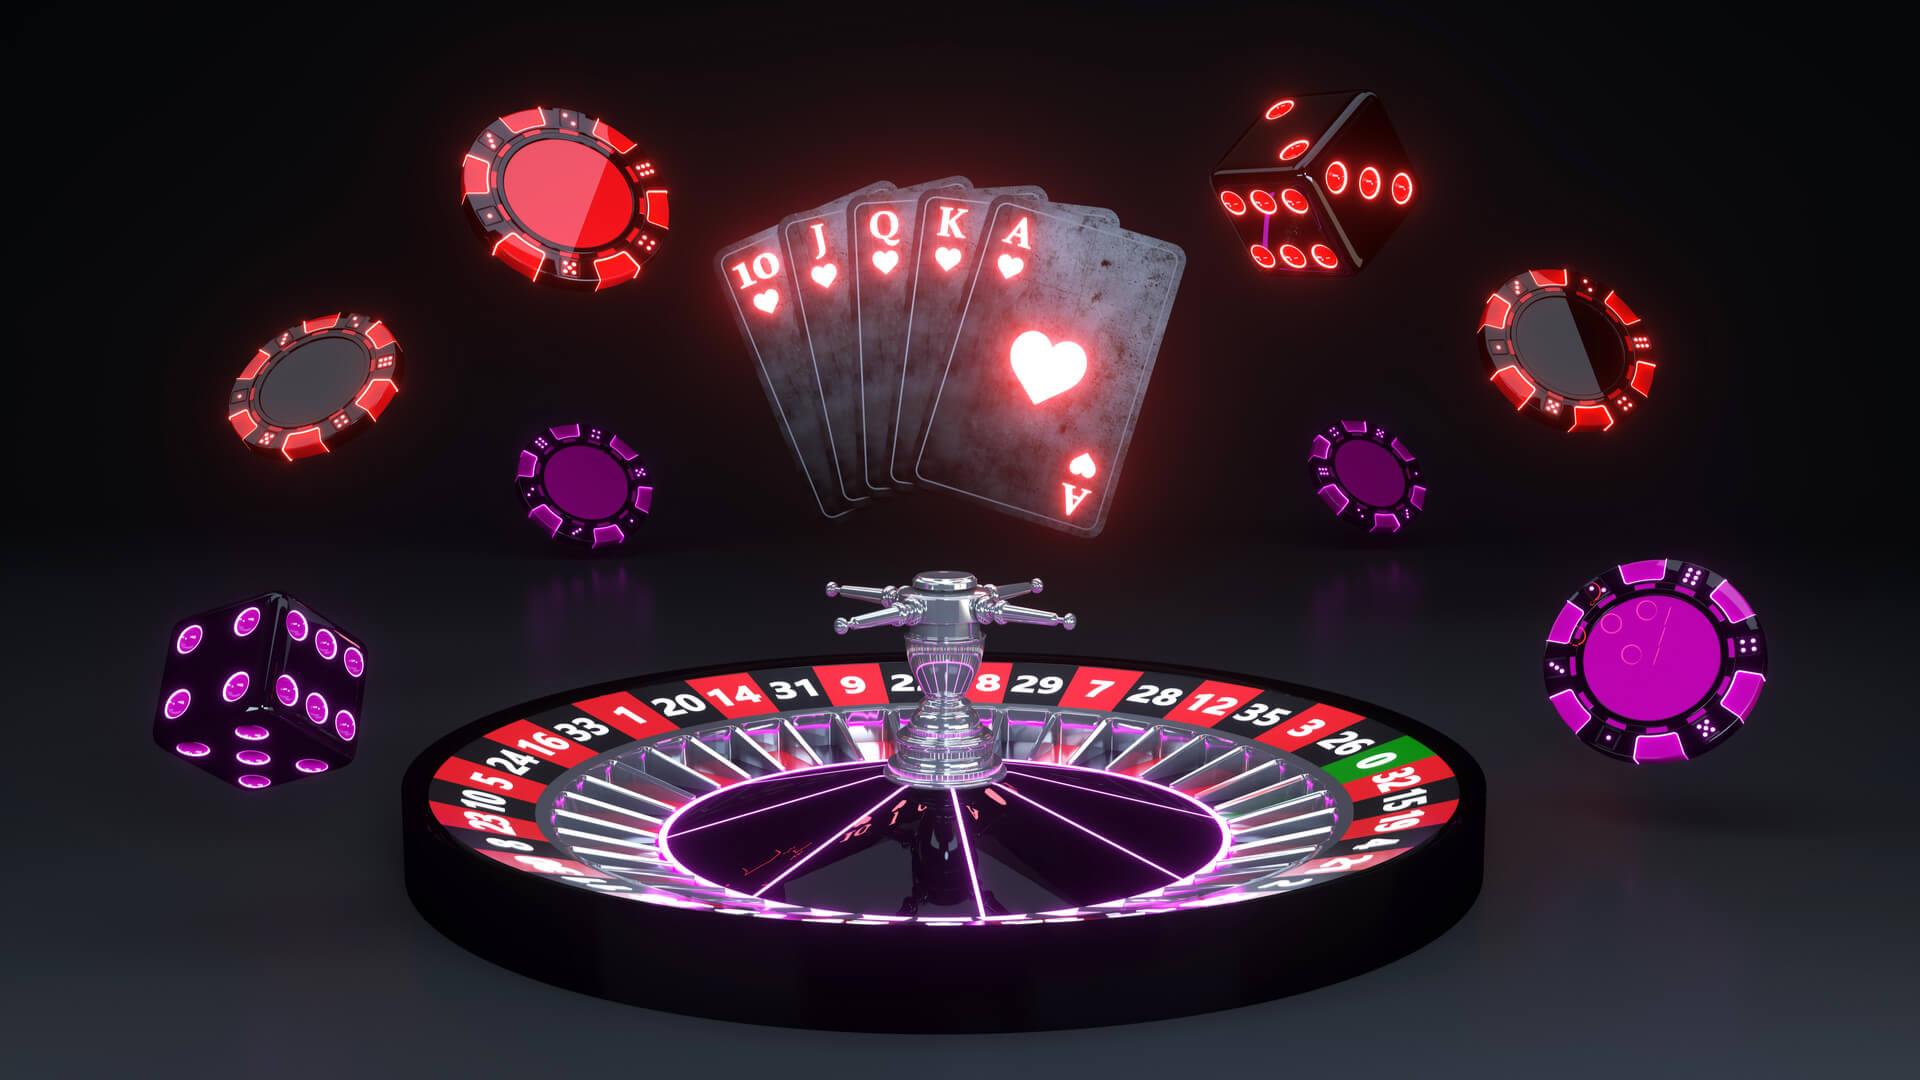 オンラインカジノで勝ったお金はどうなる?